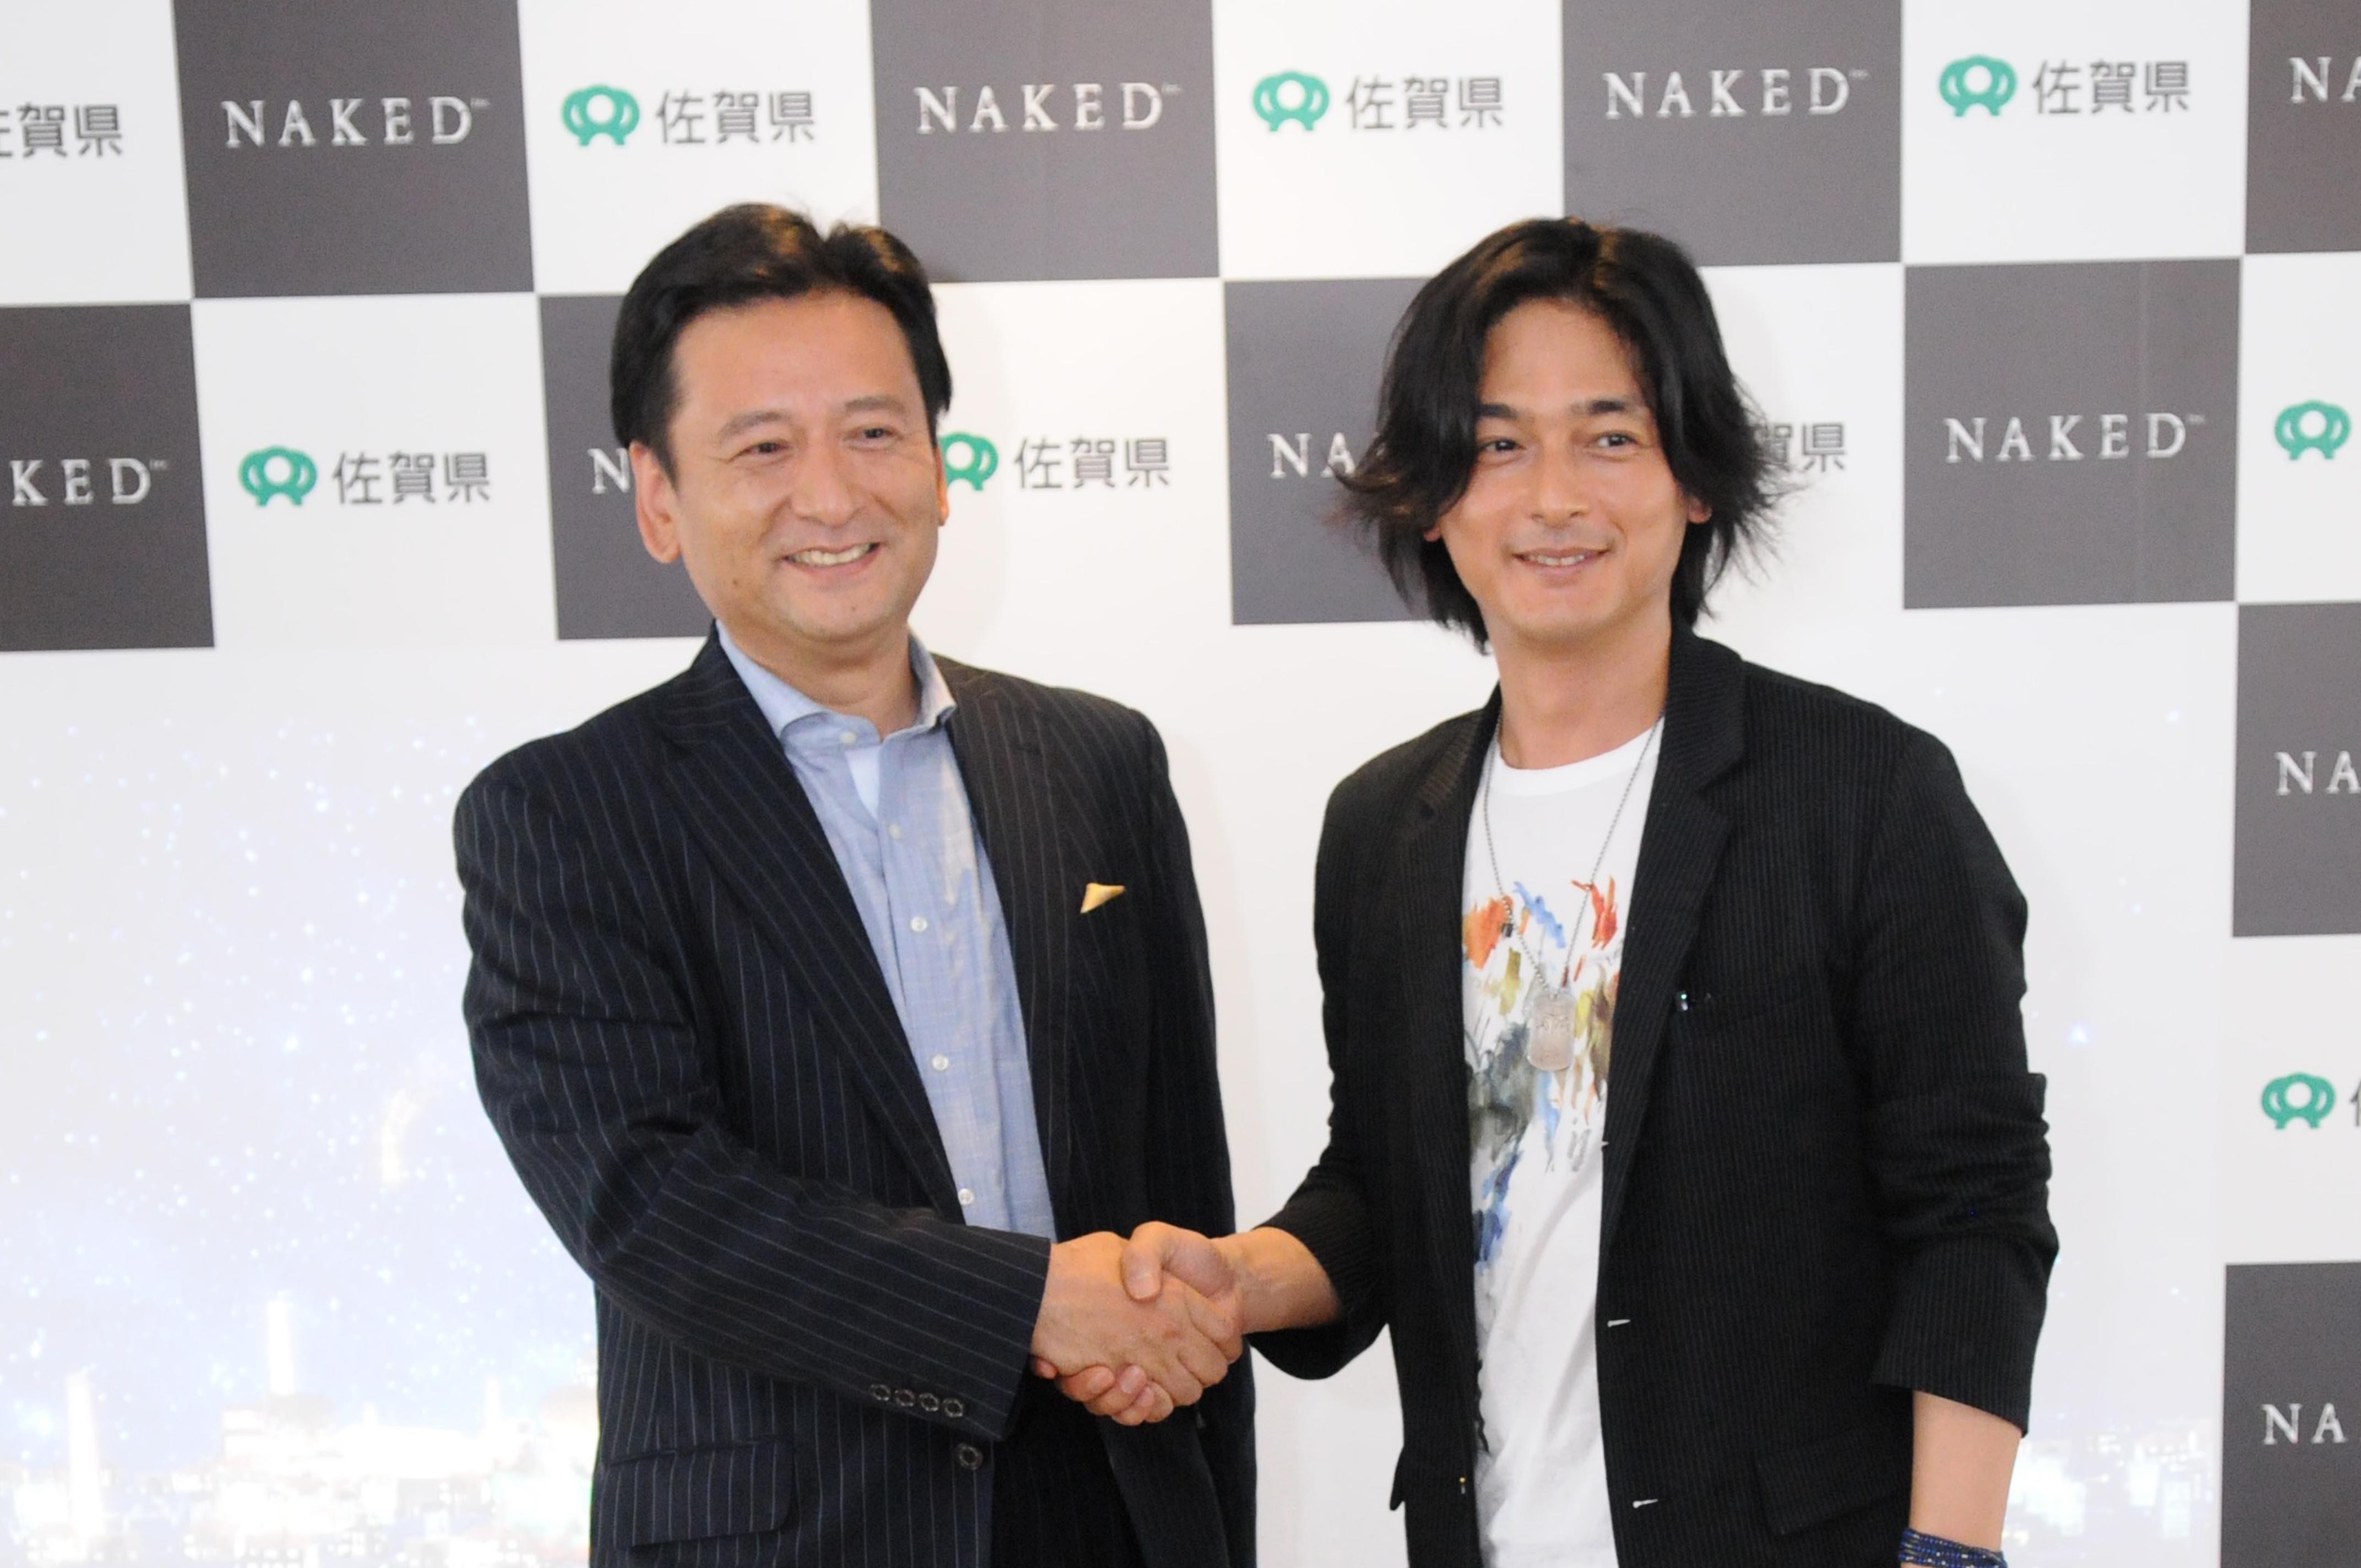 左から、佐賀県知事 ⼭口祥義⽒、株式会社NAKED代表 村松亮亮太郎